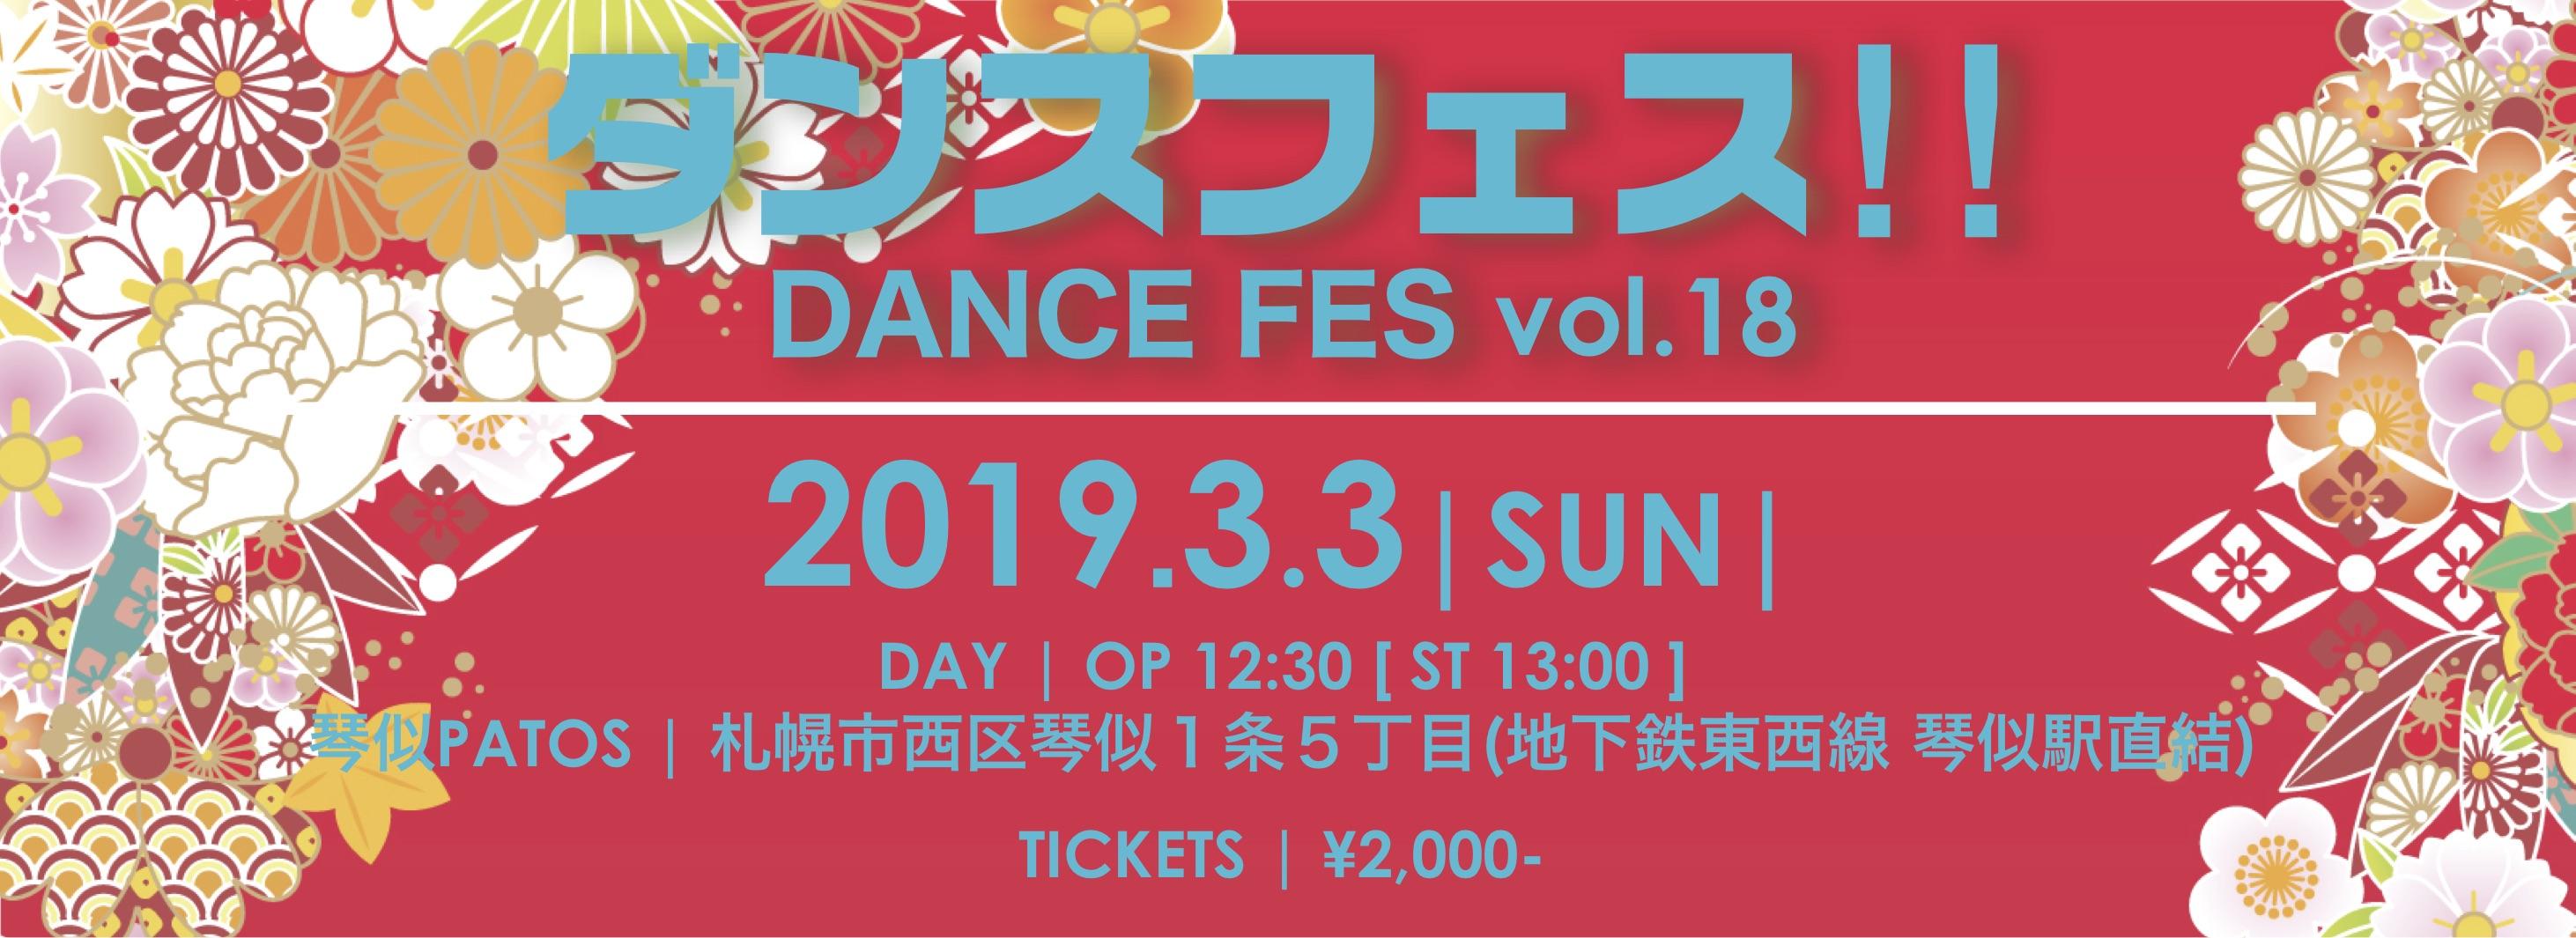 札幌 ダンススタジオJUICY | Dance Studio Juicy Sapporo